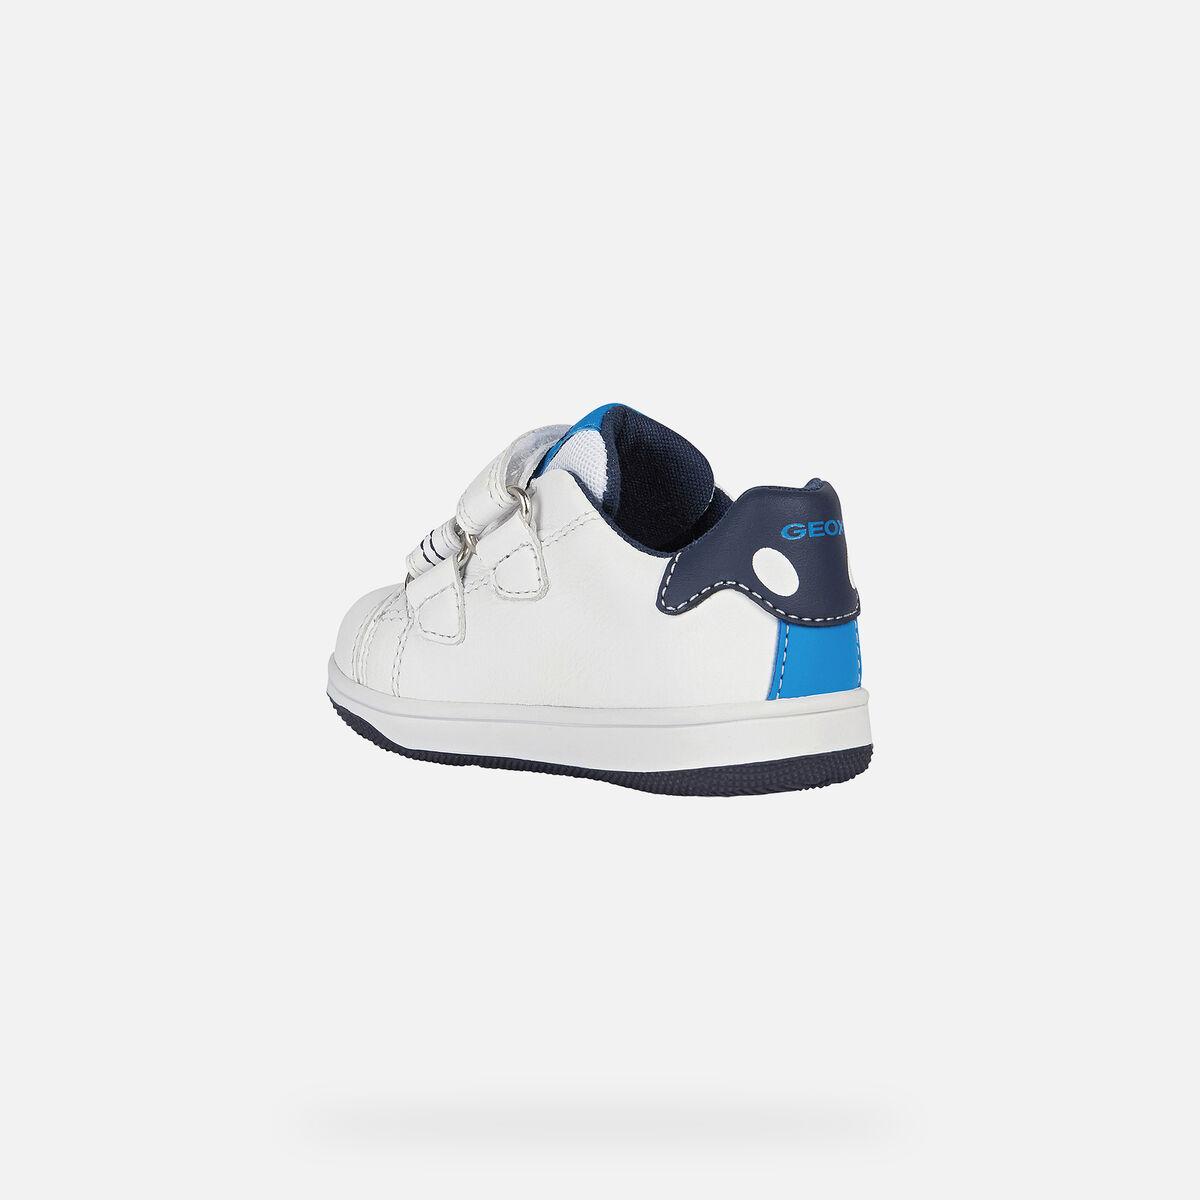 Αγόρι sneaker Mickey Mouse σκρατς GEOX Β151LΑ 08554 C0899